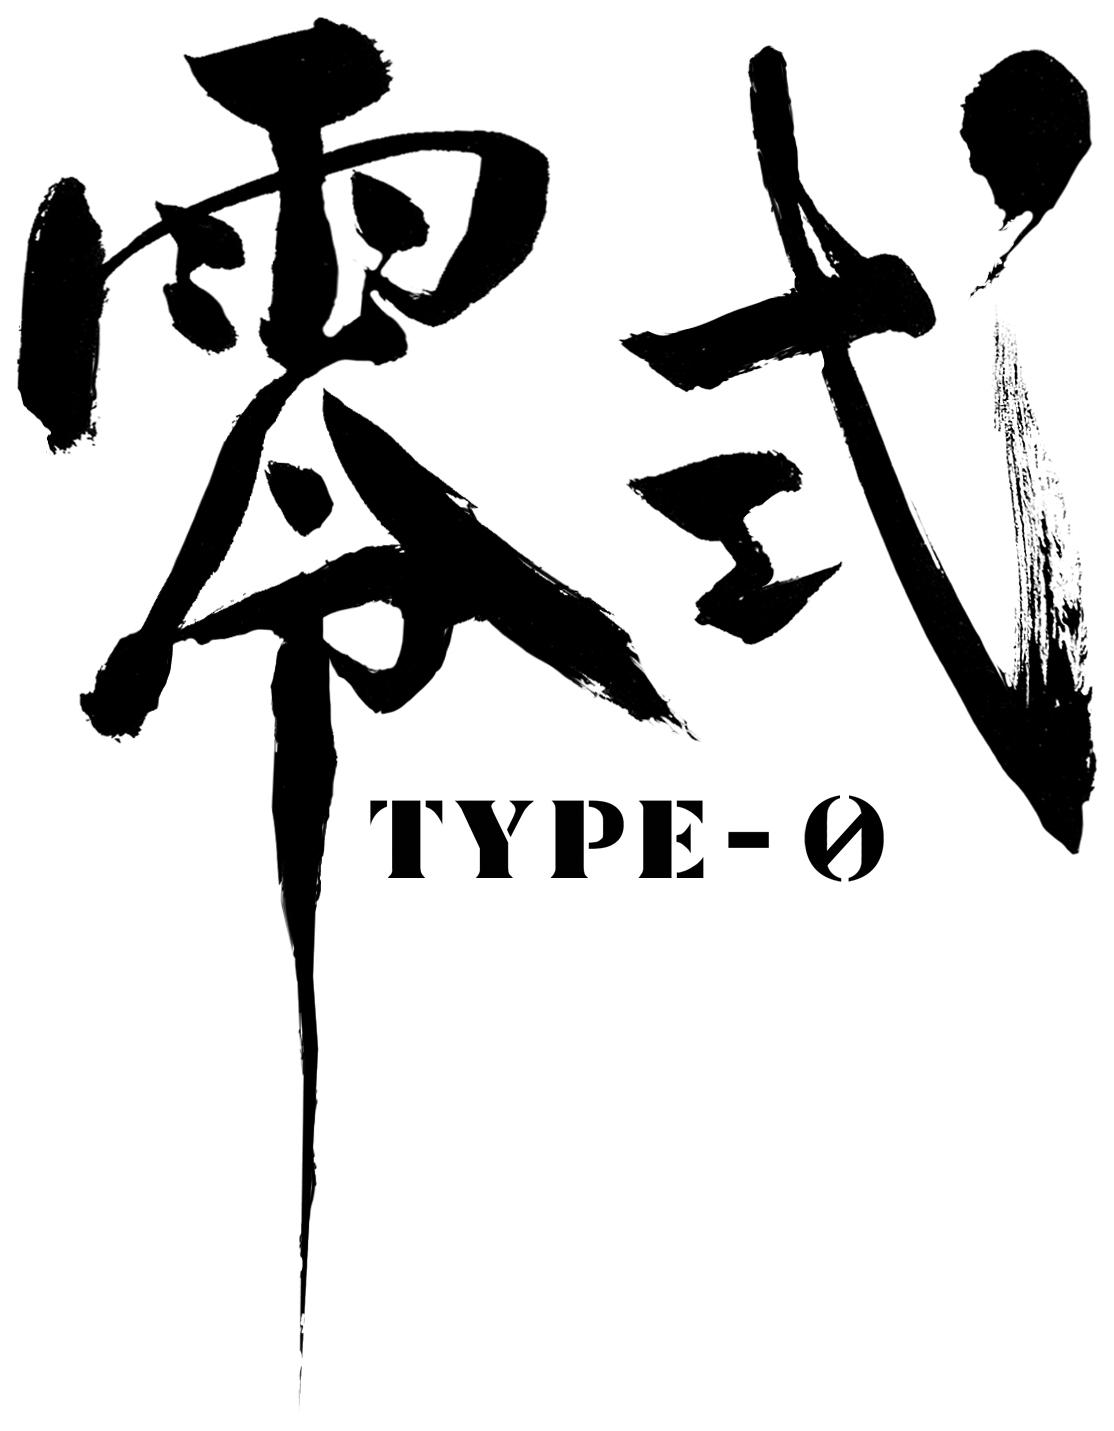 logo-fftype-0